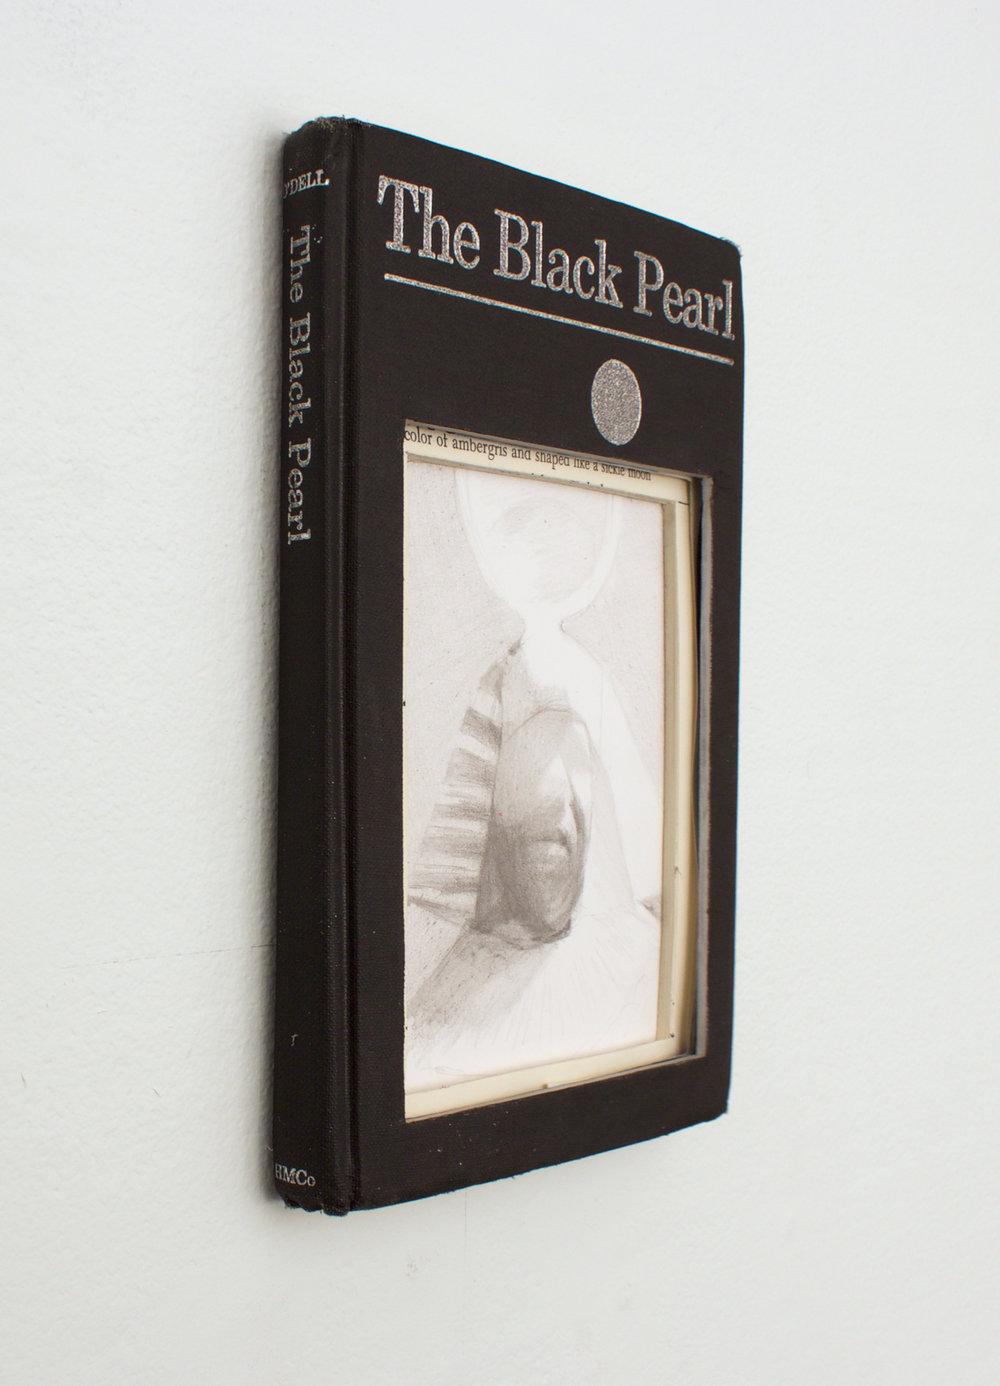 TheBlackPearl (side).jpg